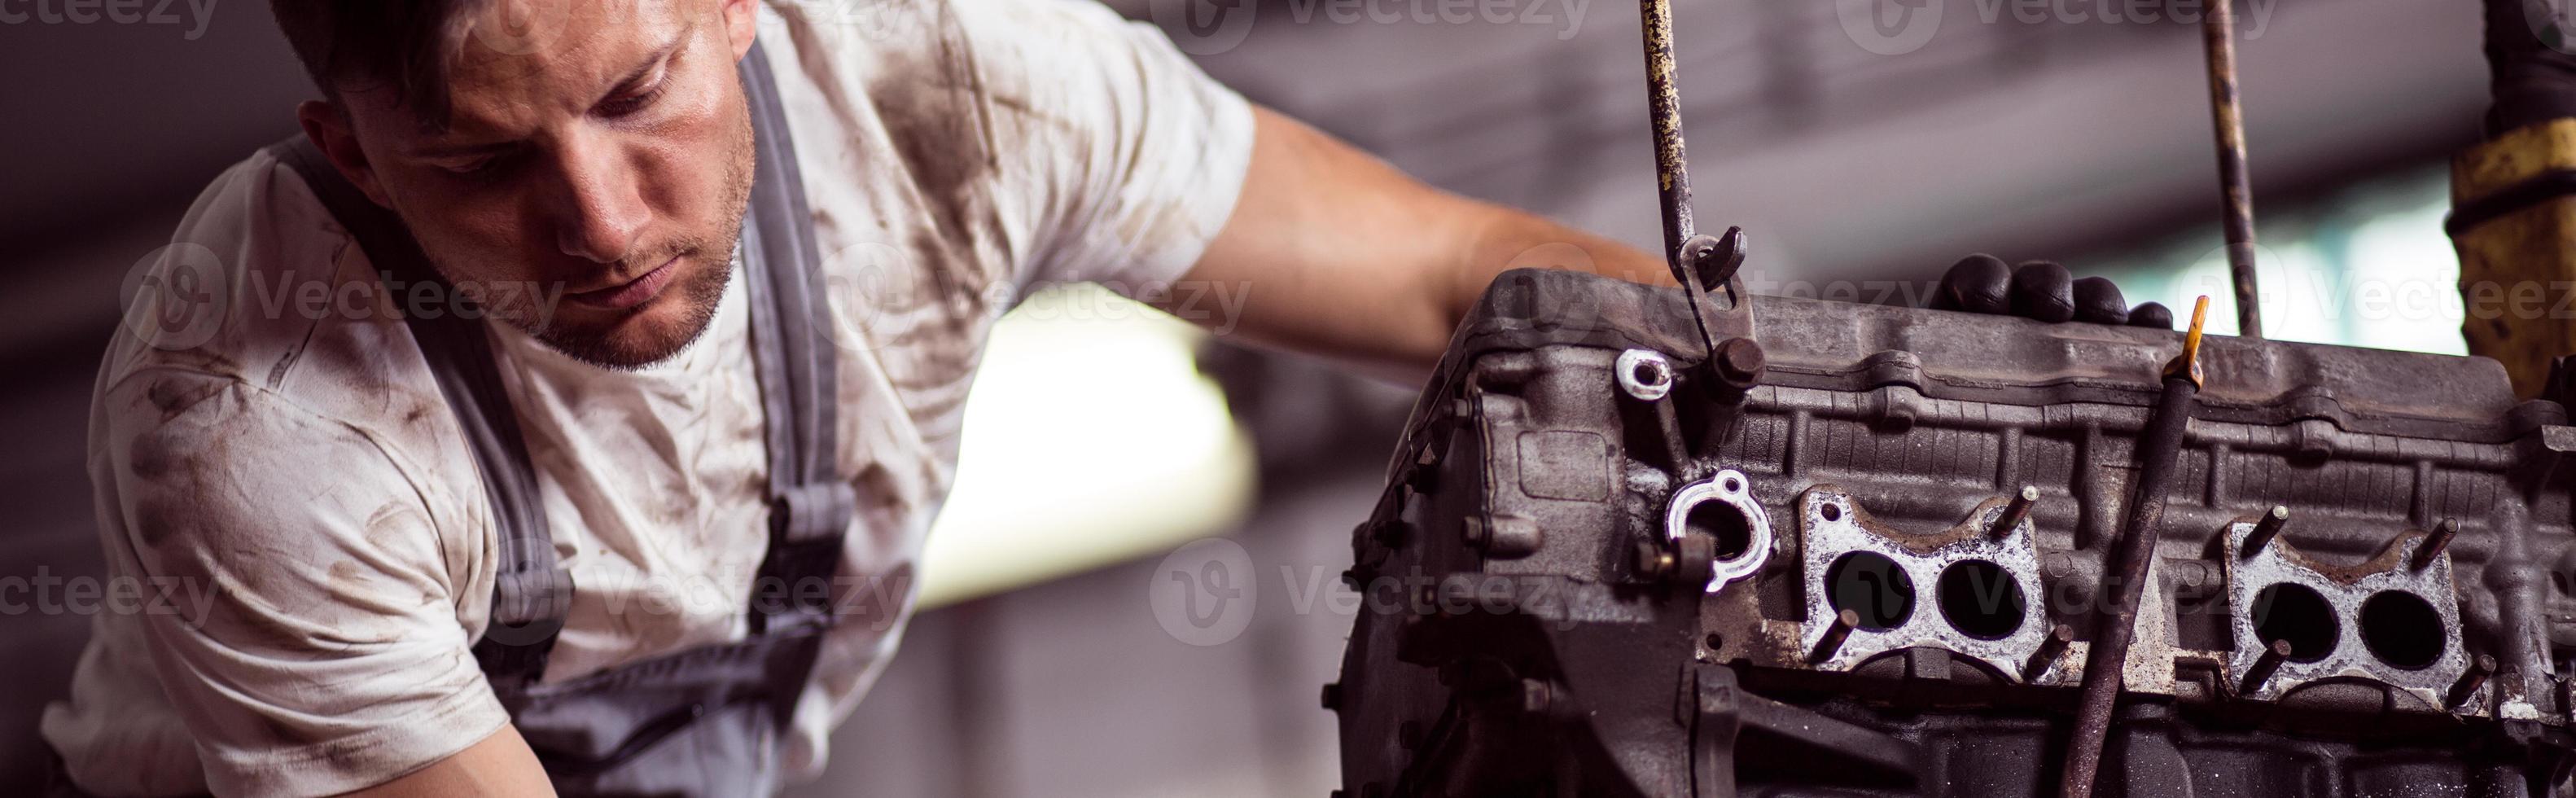 mécanicien de garage réparation moteur photo